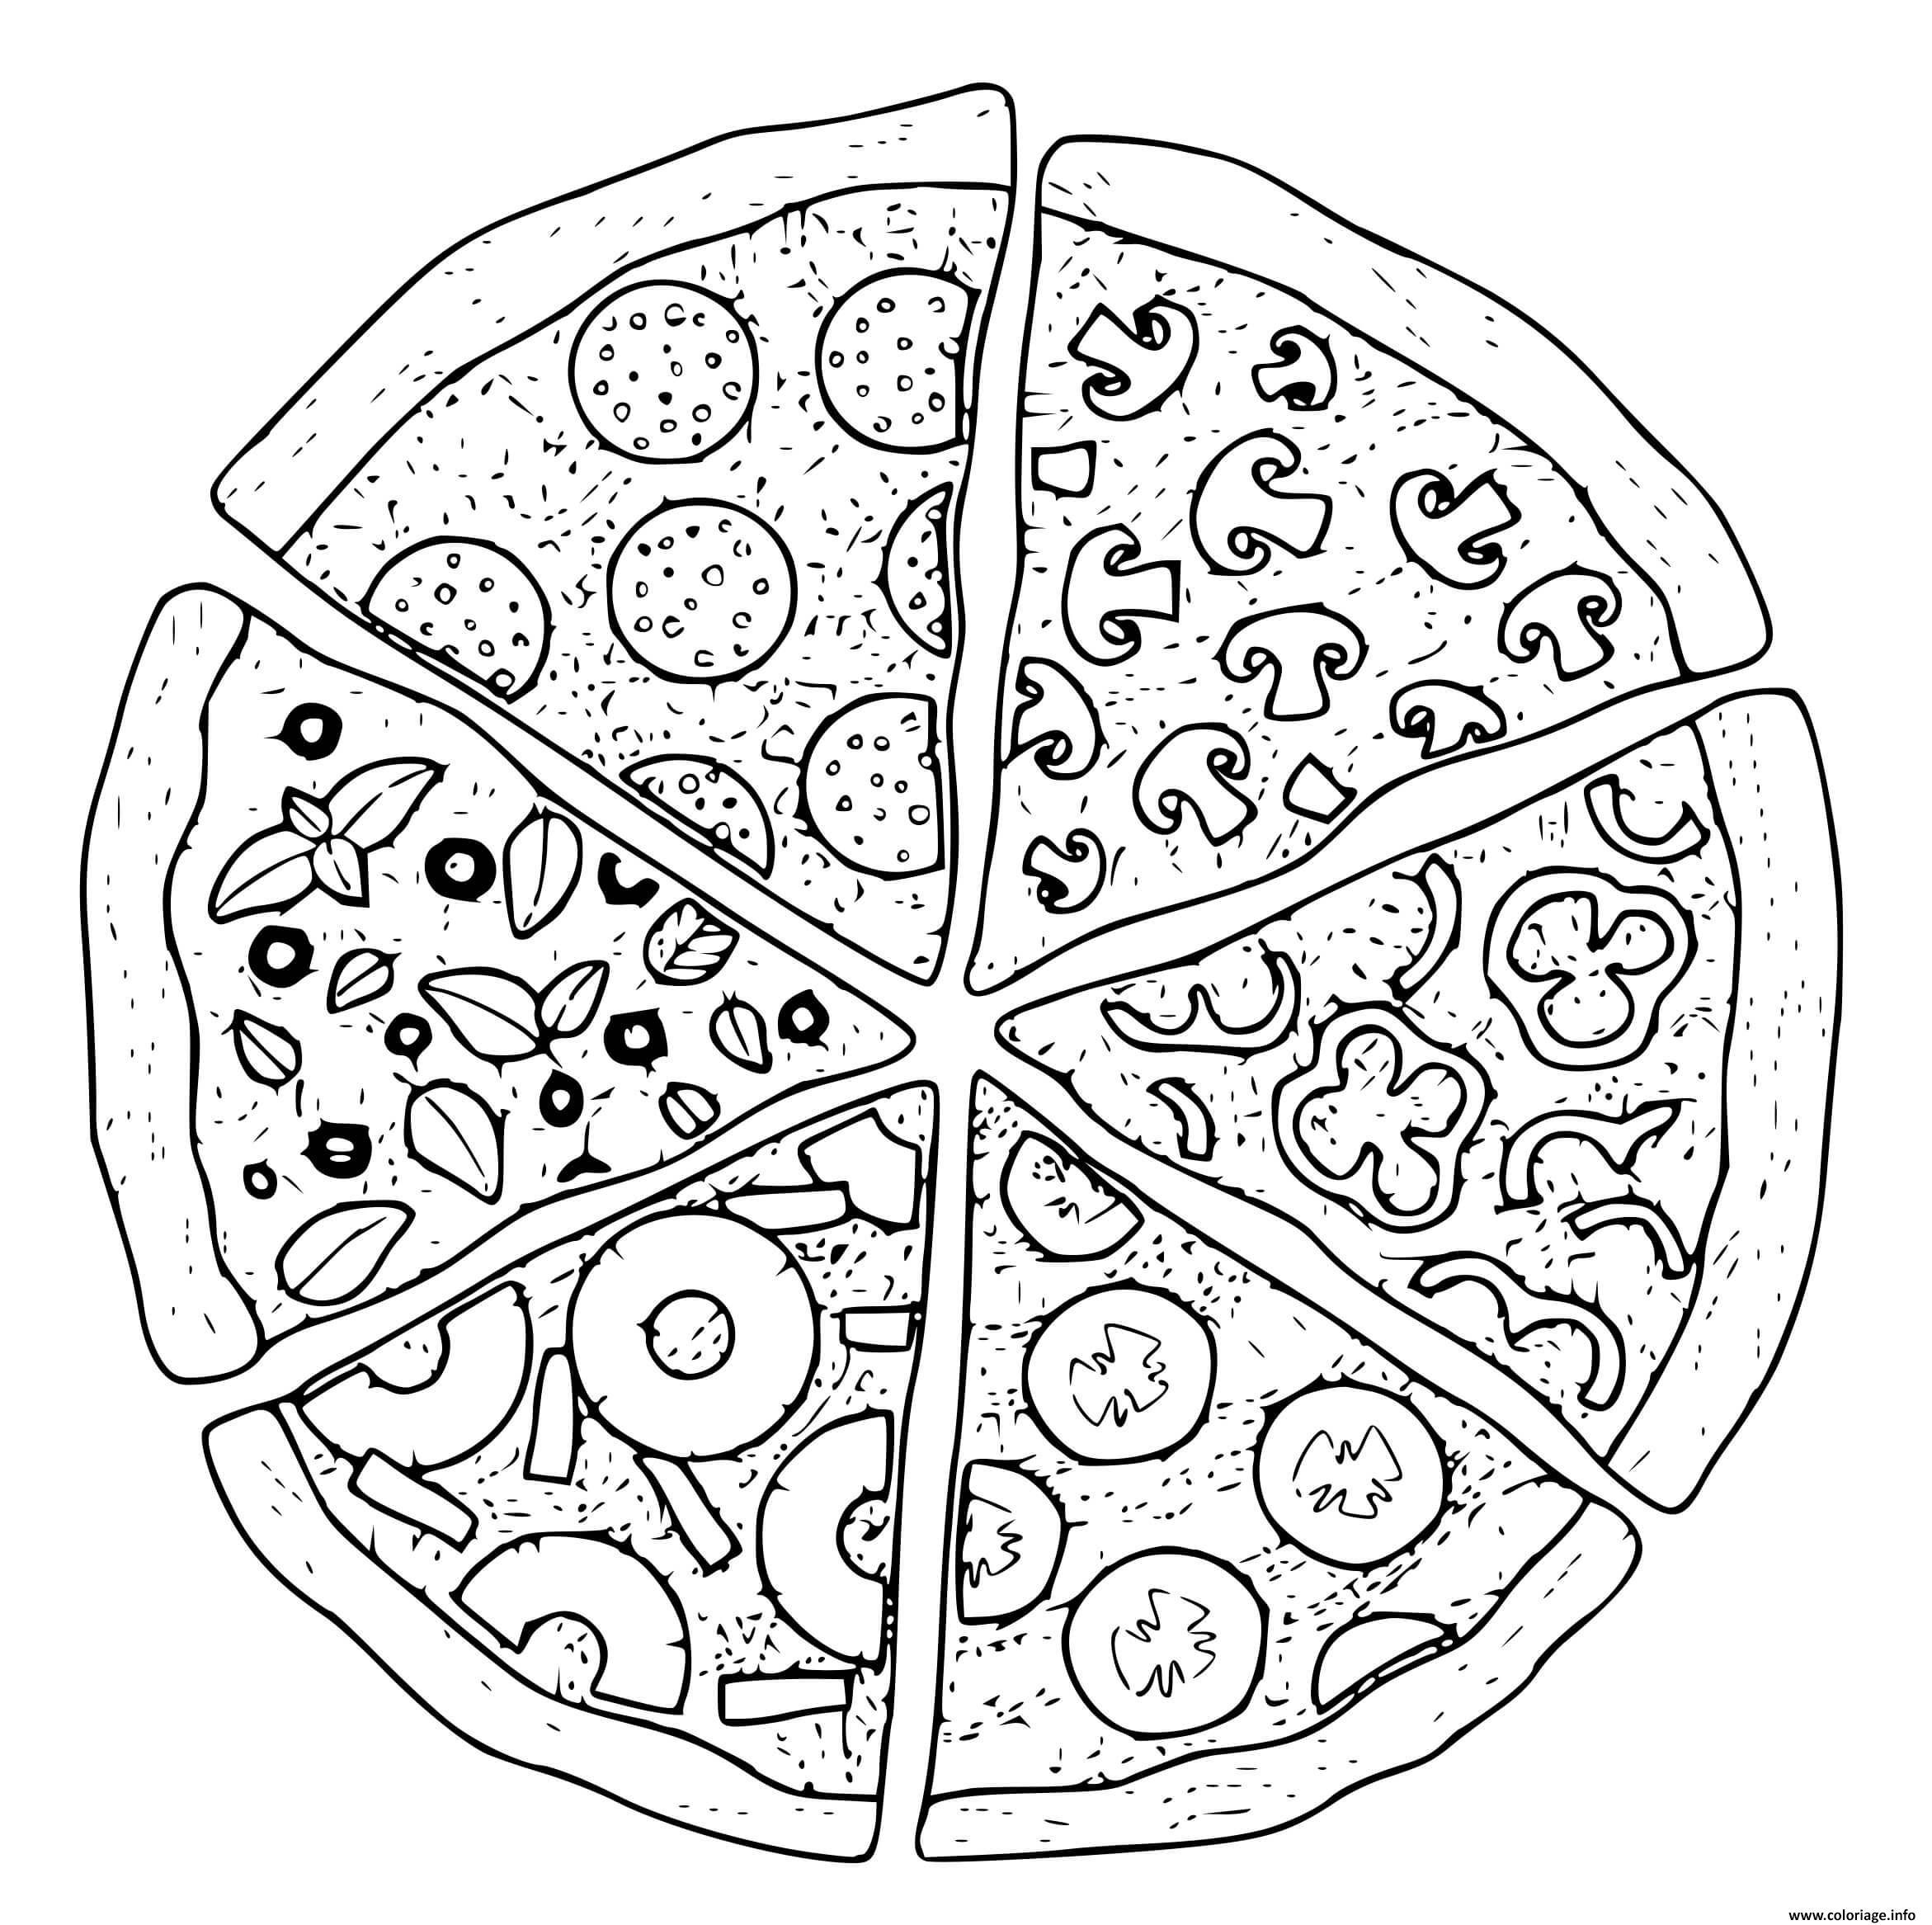 Dessin plusieurs garnitures de pizzas Coloriage Gratuit à Imprimer